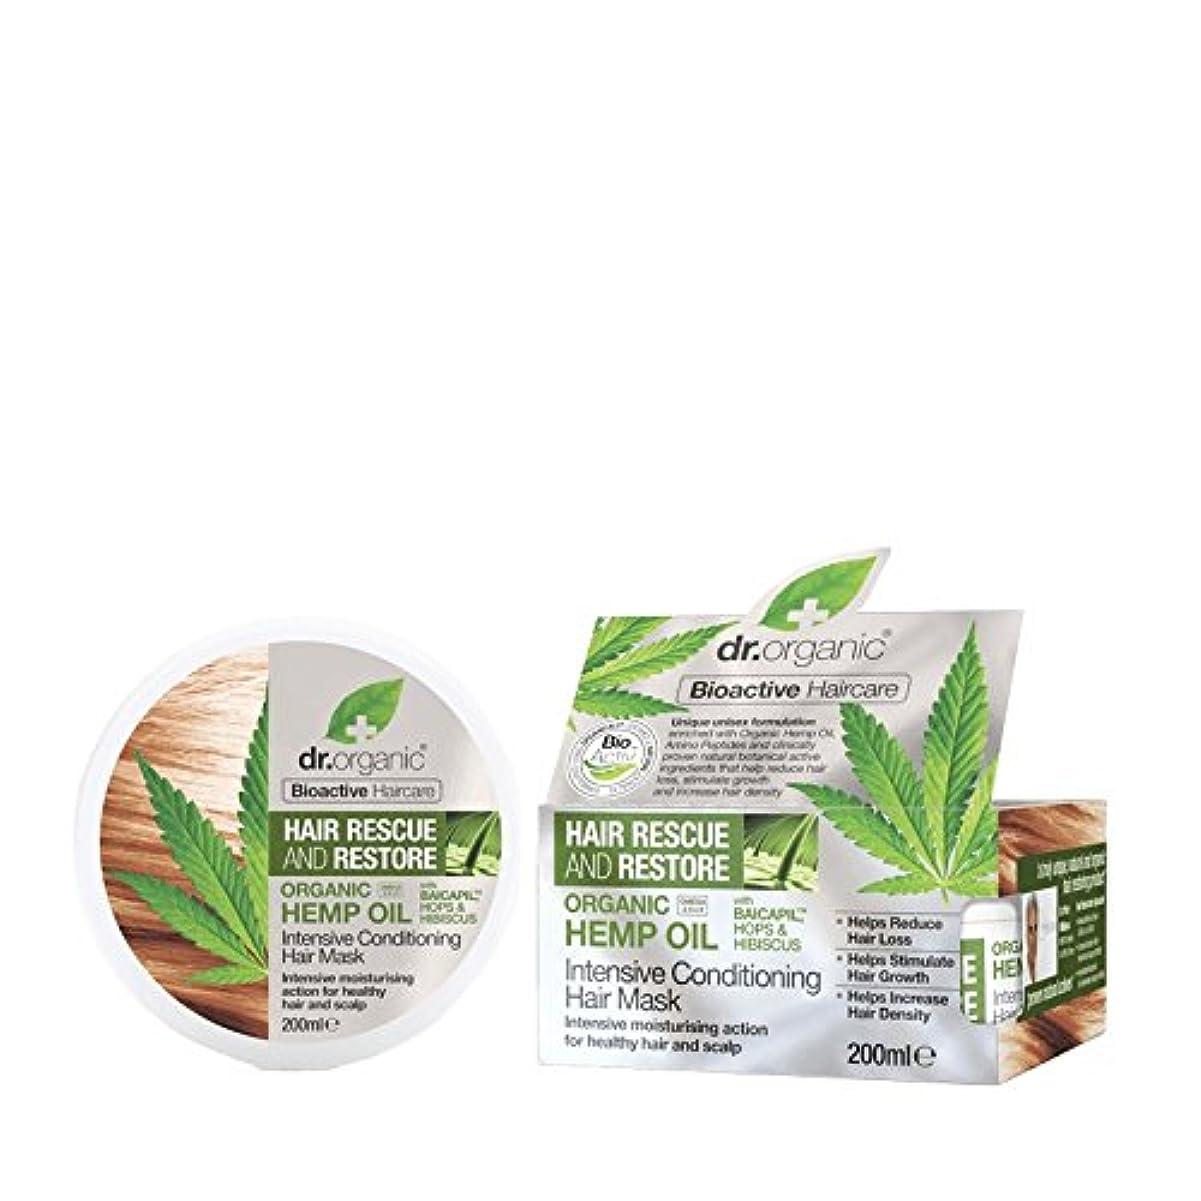 率直な薬剤師腹痛Dr有機大麻油の集中コンディショナー200ミリリットル - Dr Organic Hemp Oil Intensive Conditioner 200ml (Dr Organic) [並行輸入品]